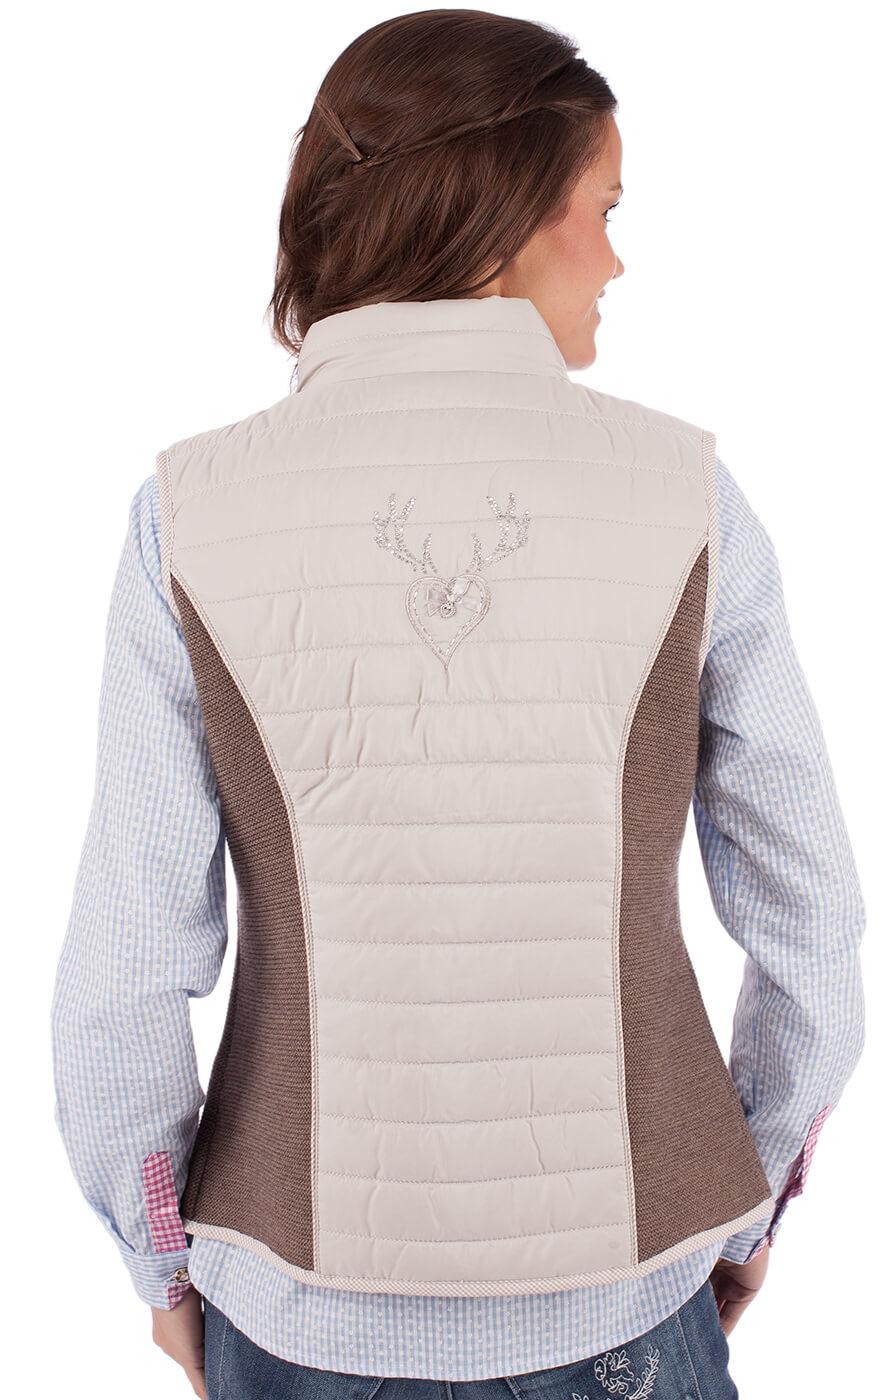 weitere Bilder von Gilet in maglia per Trachten ELKE grigio marrone